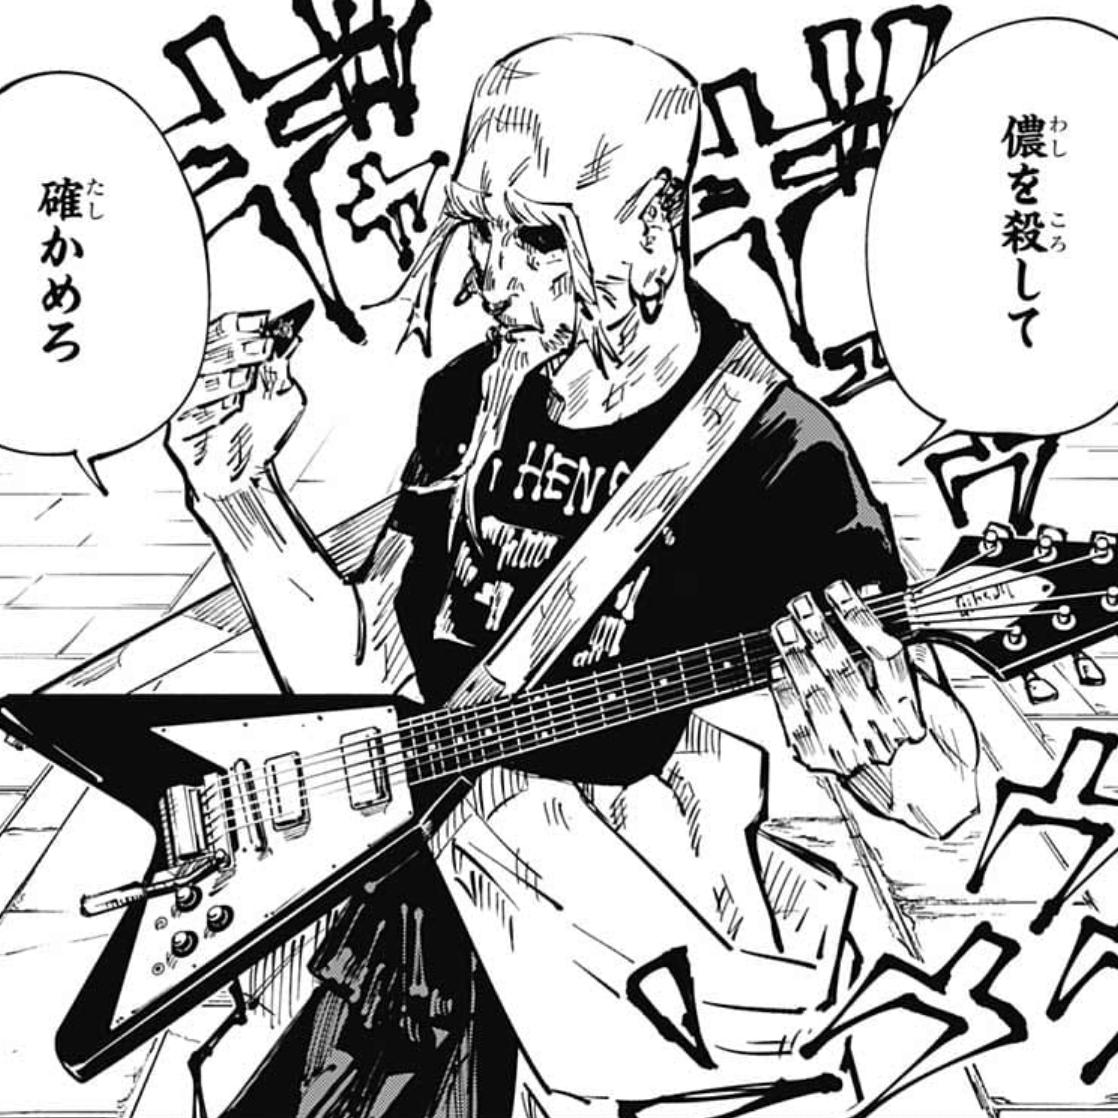 画像】呪術廻戦46話の京都校長、とんでもなくロックなジジイだったwww : あにまんch